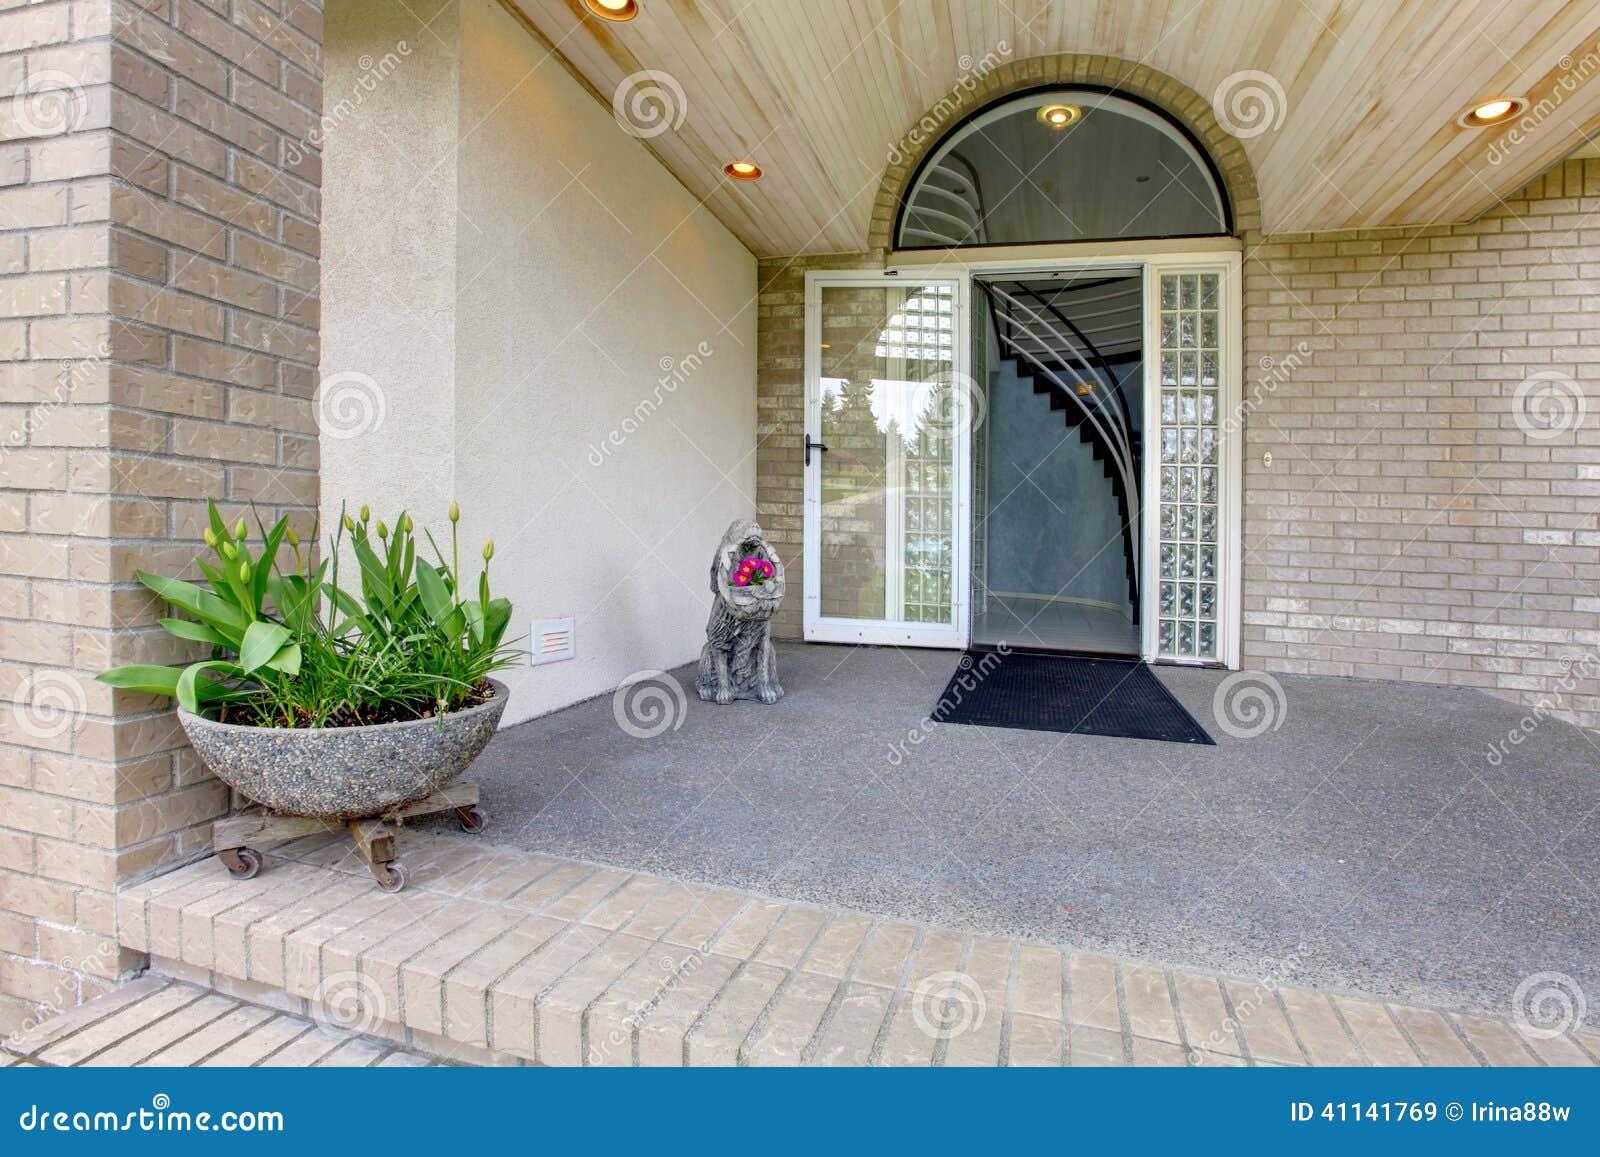 porche d 39 entr e maison de luxe photo stock image 41141769. Black Bedroom Furniture Sets. Home Design Ideas